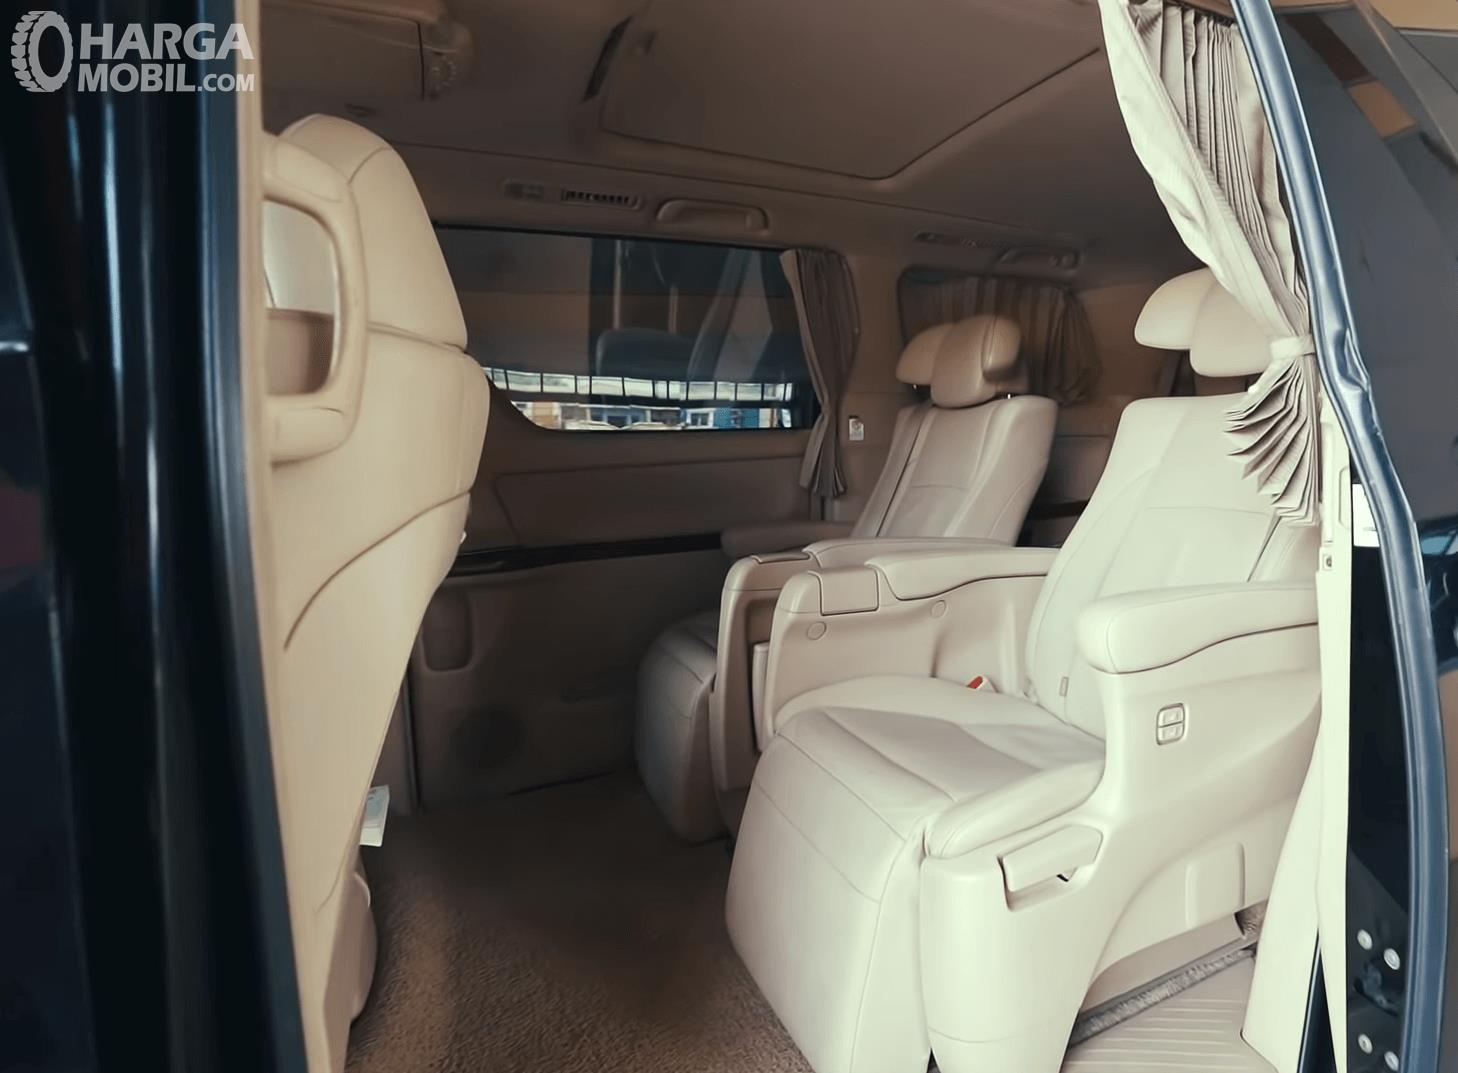 Gambar ini menunjukkan jok mobil baris kedua Toyota Alphard 2.4 G 2009